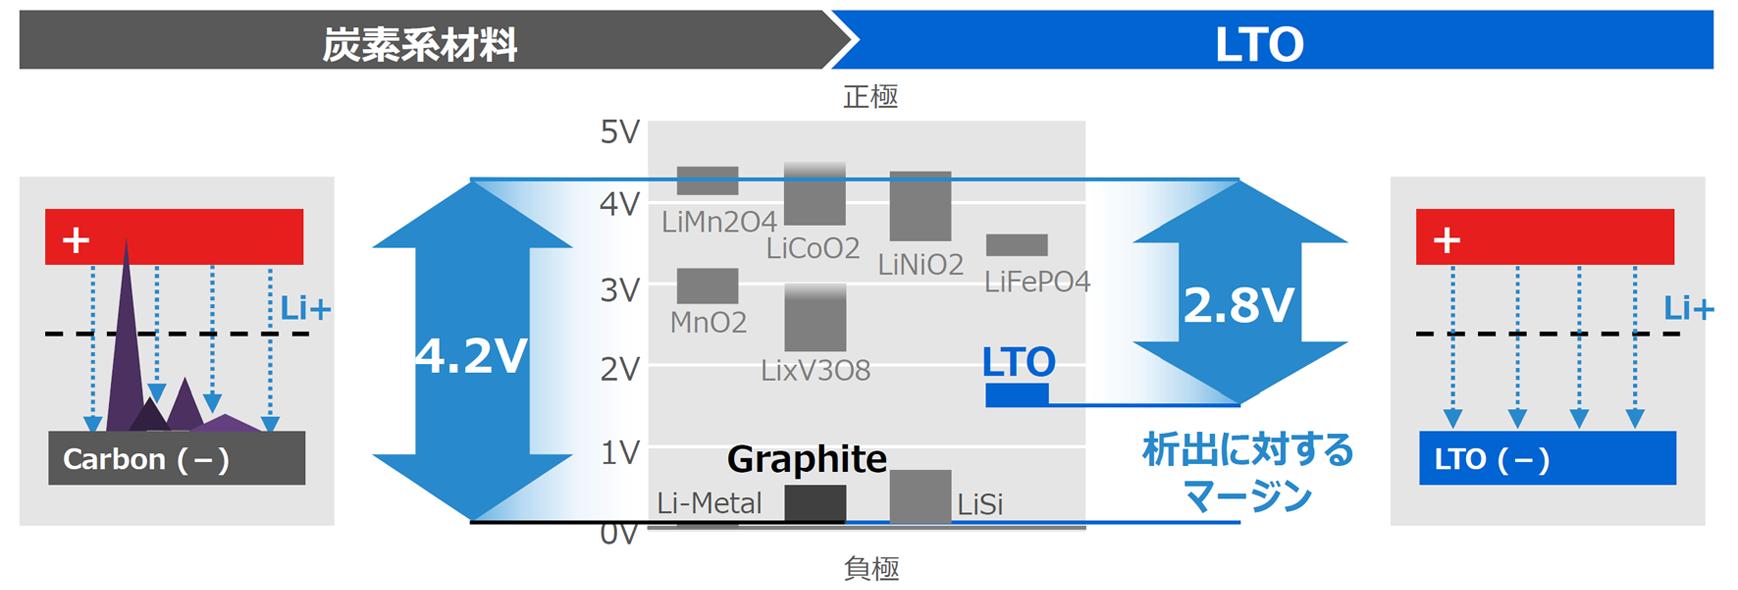 リチウムイオン電池の正負極の各材料のケミカルポテンシャルを表した図